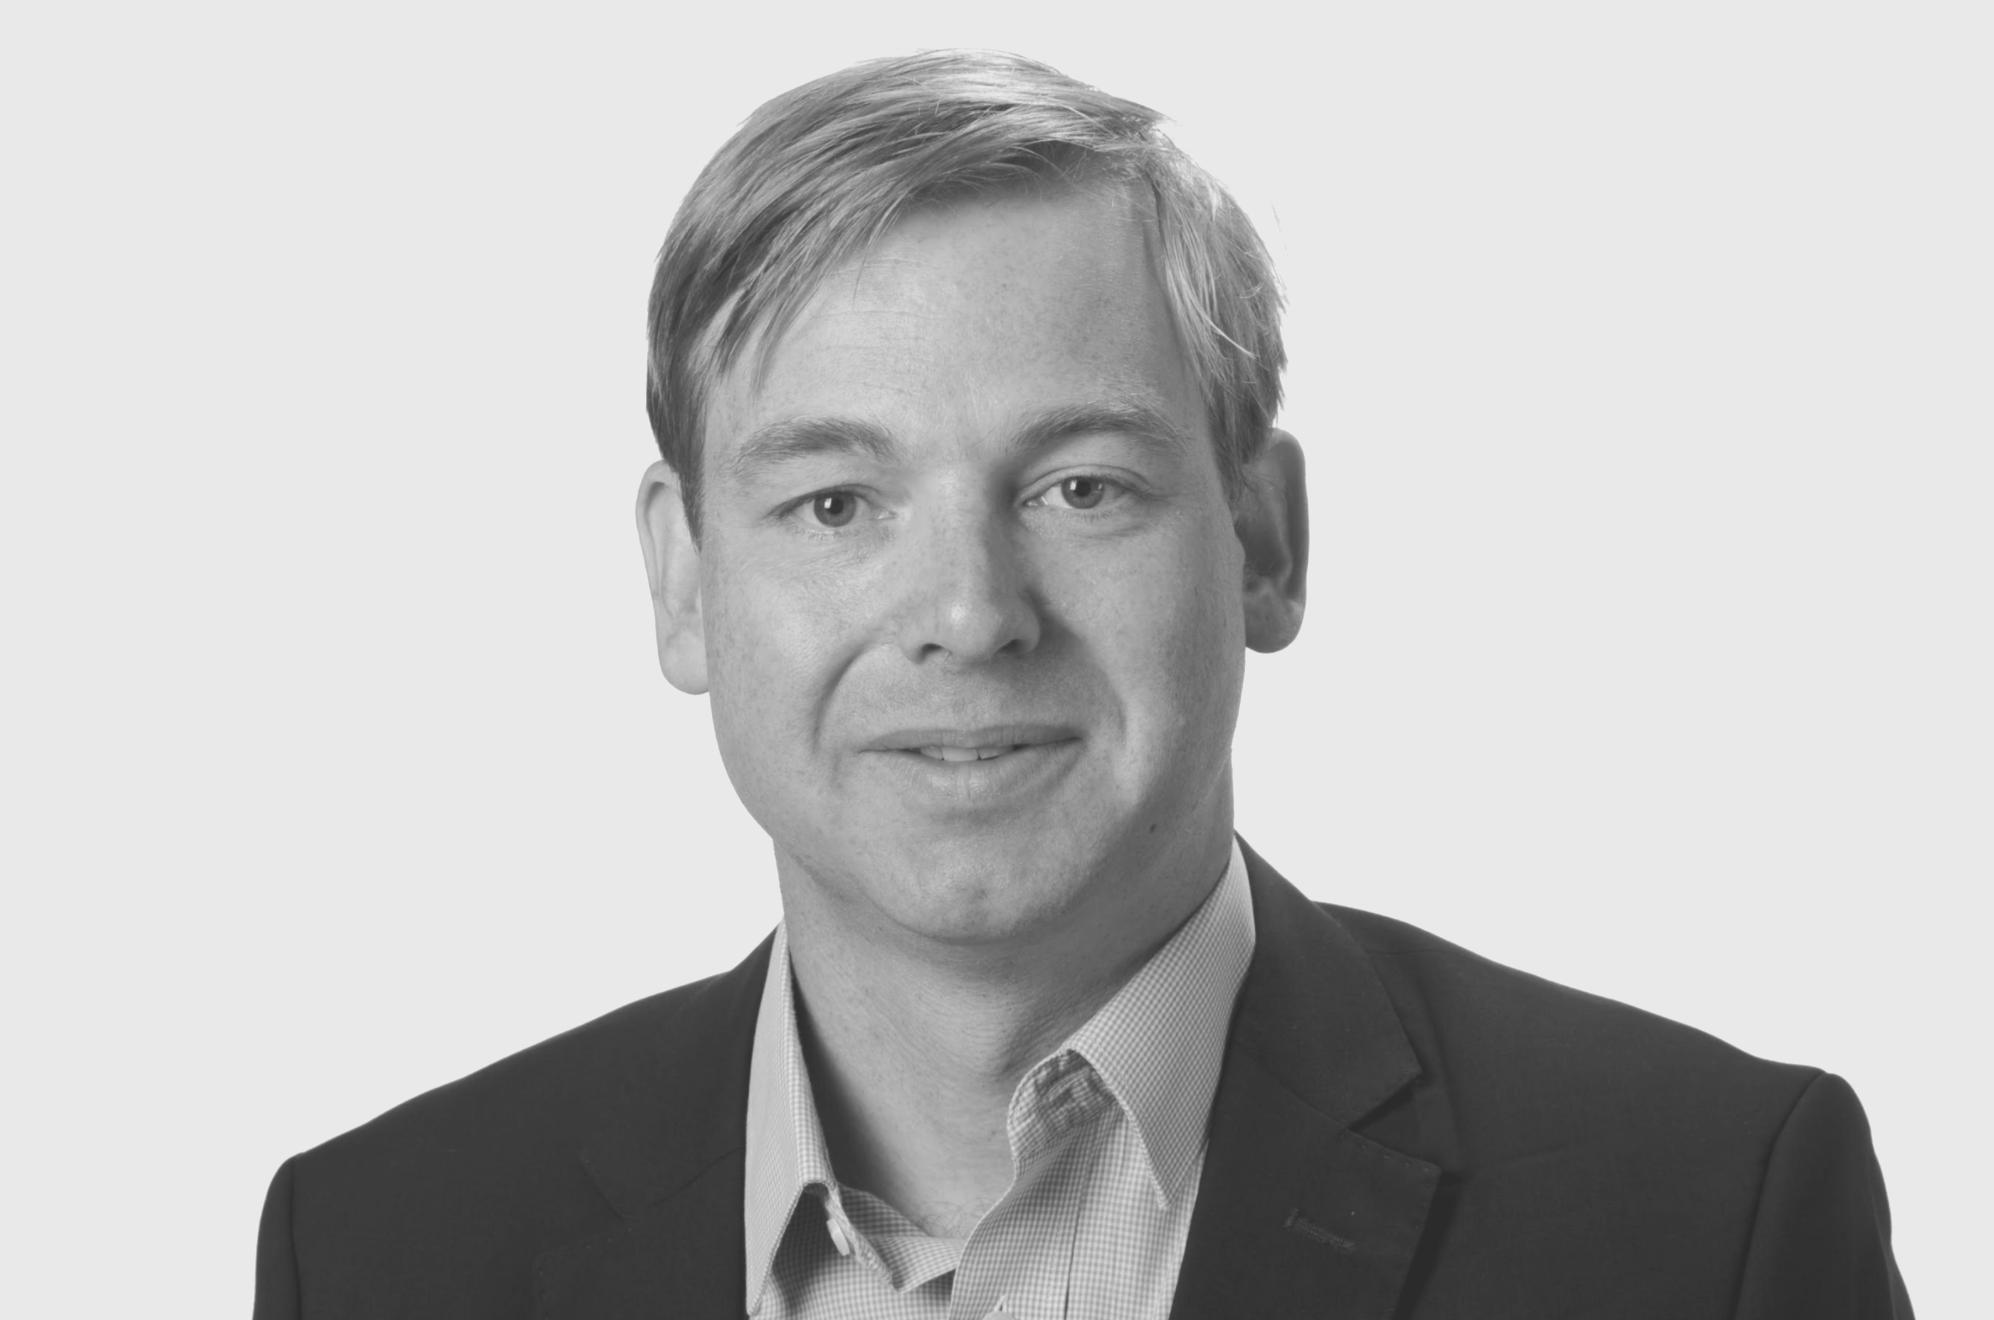 Jörg Traub